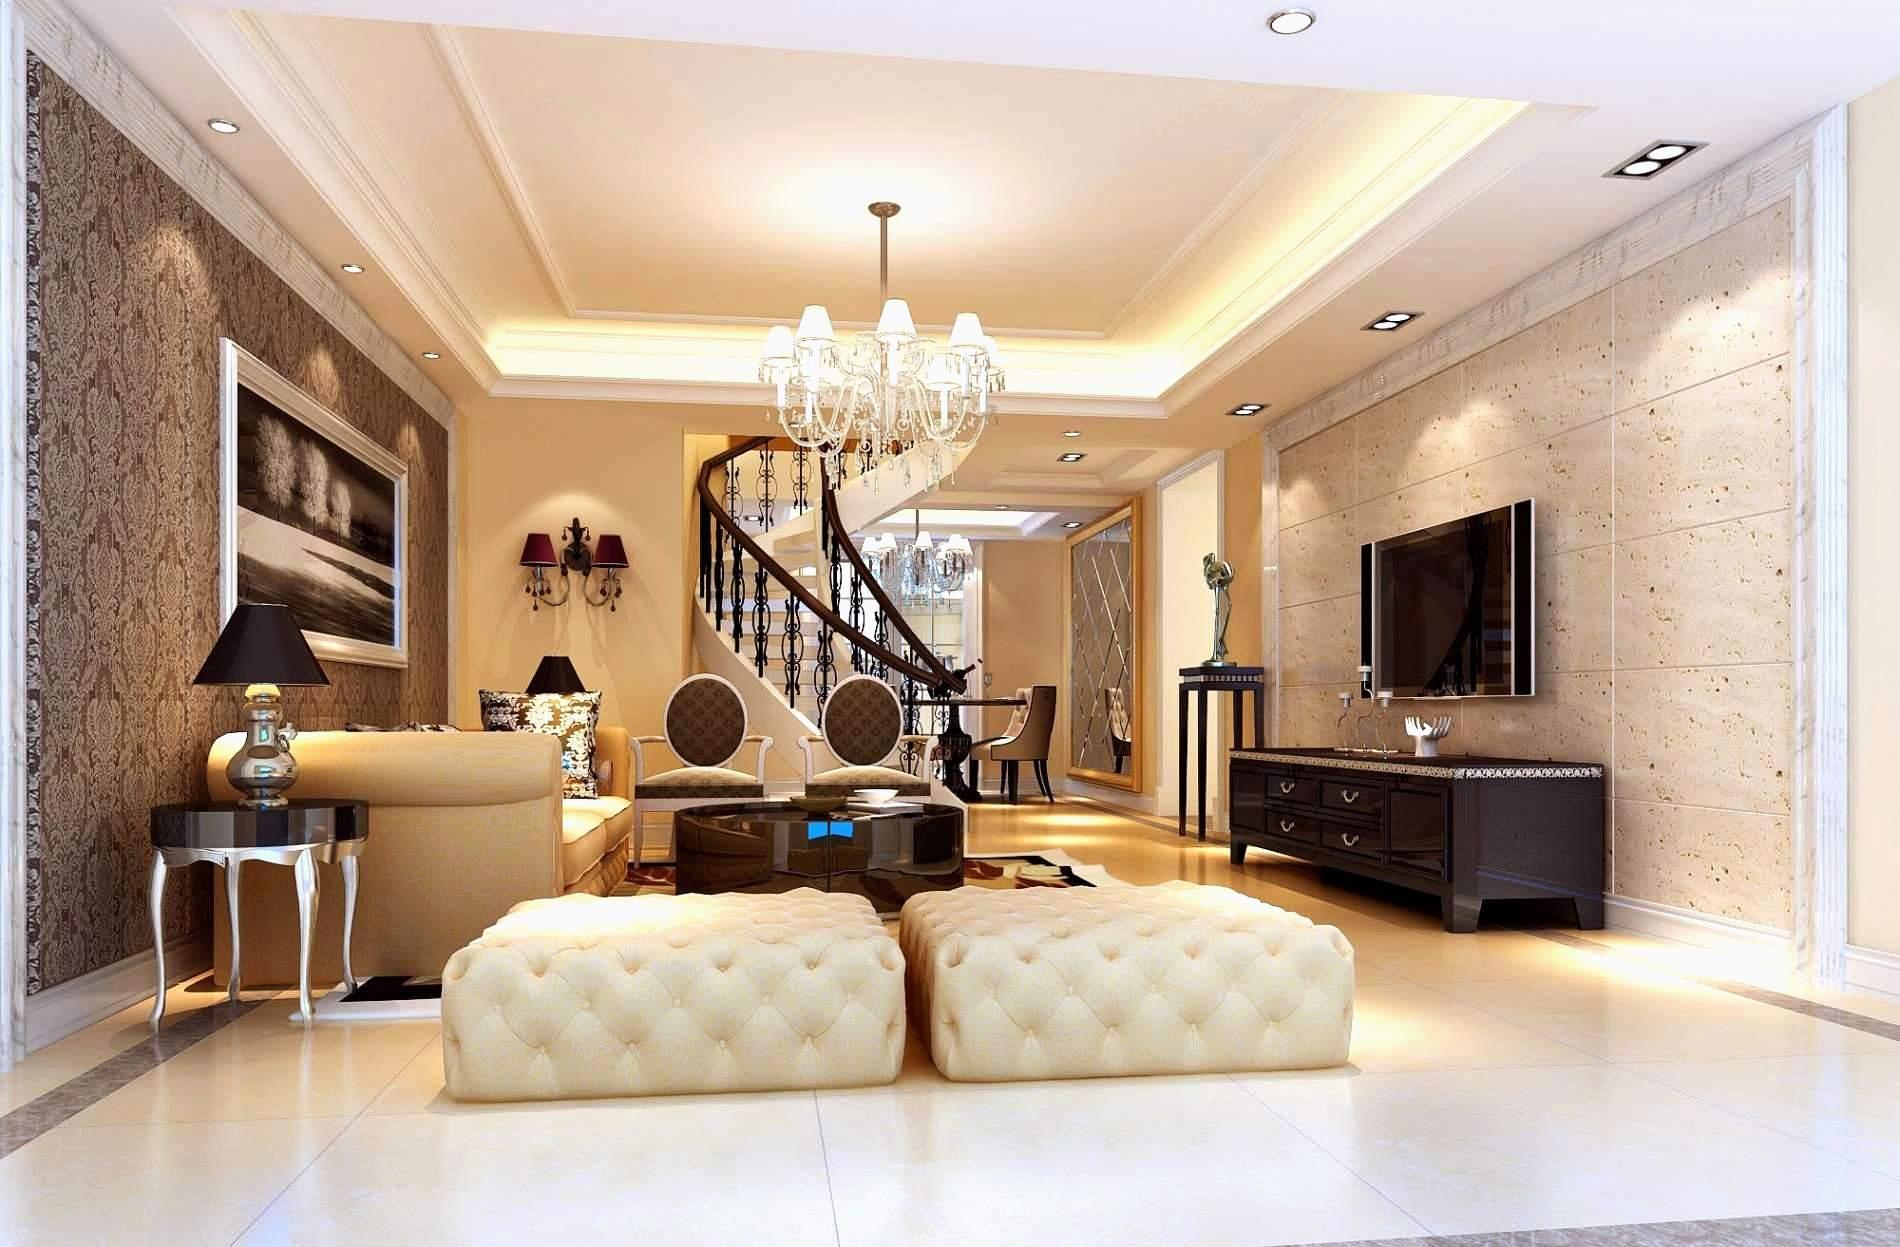 Full Size of Wandbild Wohnzimmer Elegant Ideen Worauf Sie Deckenleuchten Landhausstil Vorhänge Gardinen Led Beleuchtung Deckenleuchte Tischlampe Fototapeten Decke Für Wohnzimmer Wohnzimmer Wandbild